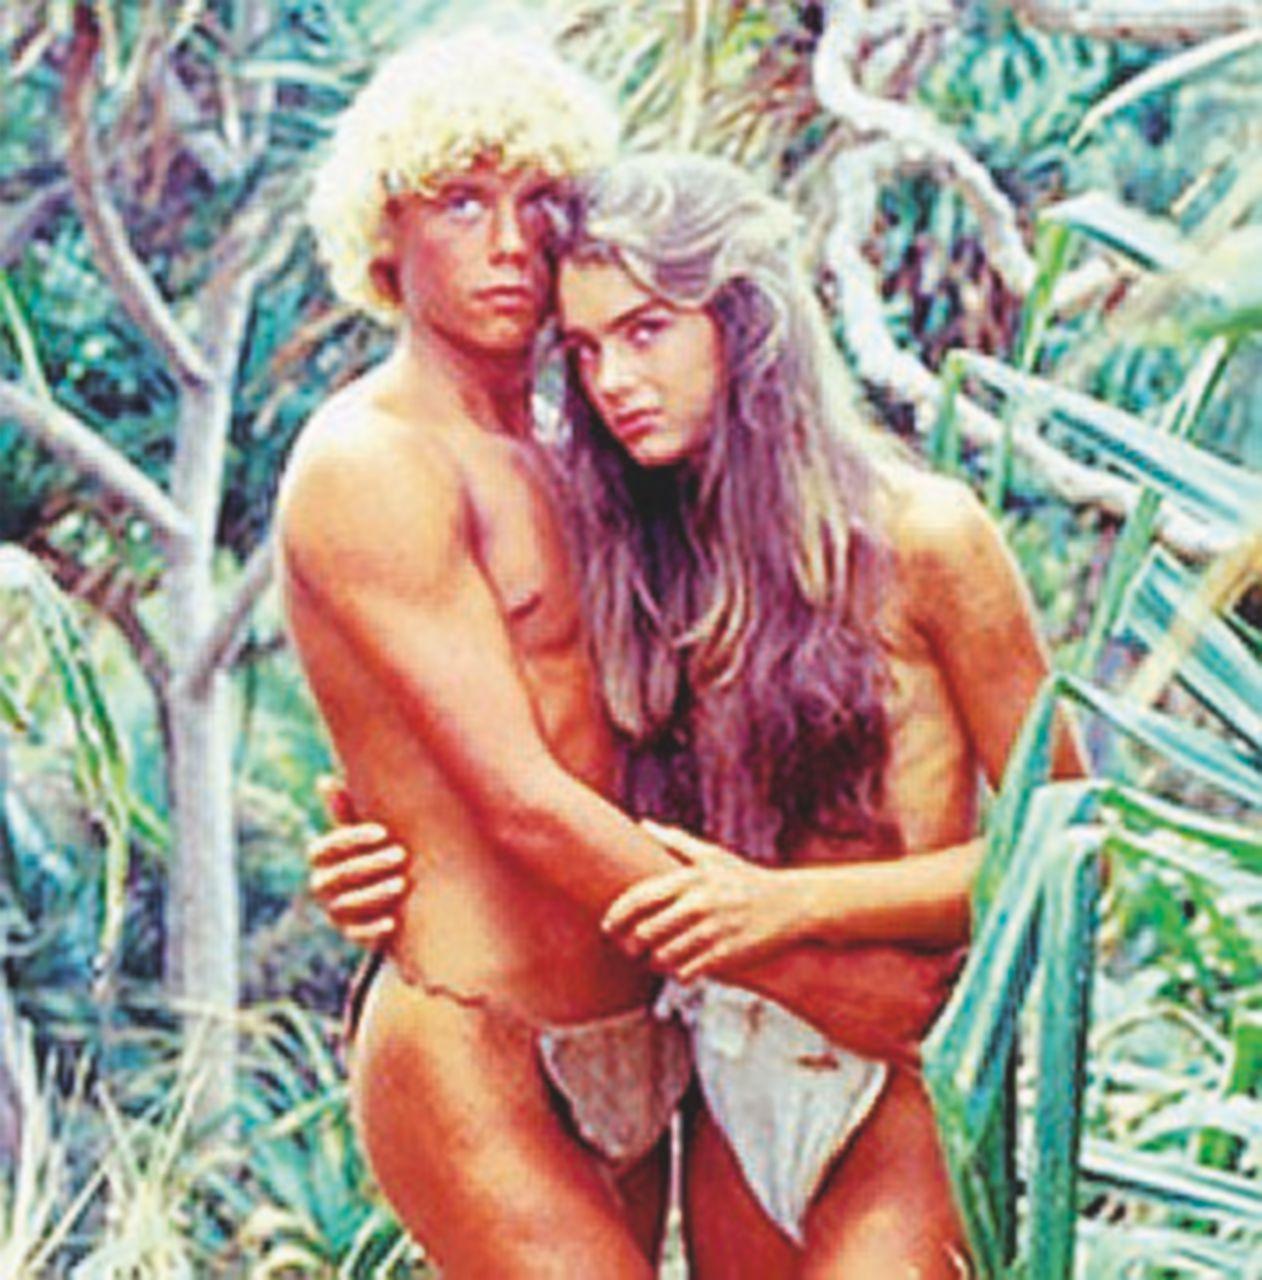 Laguna Blu, la favoletta soft porno che si fa cult